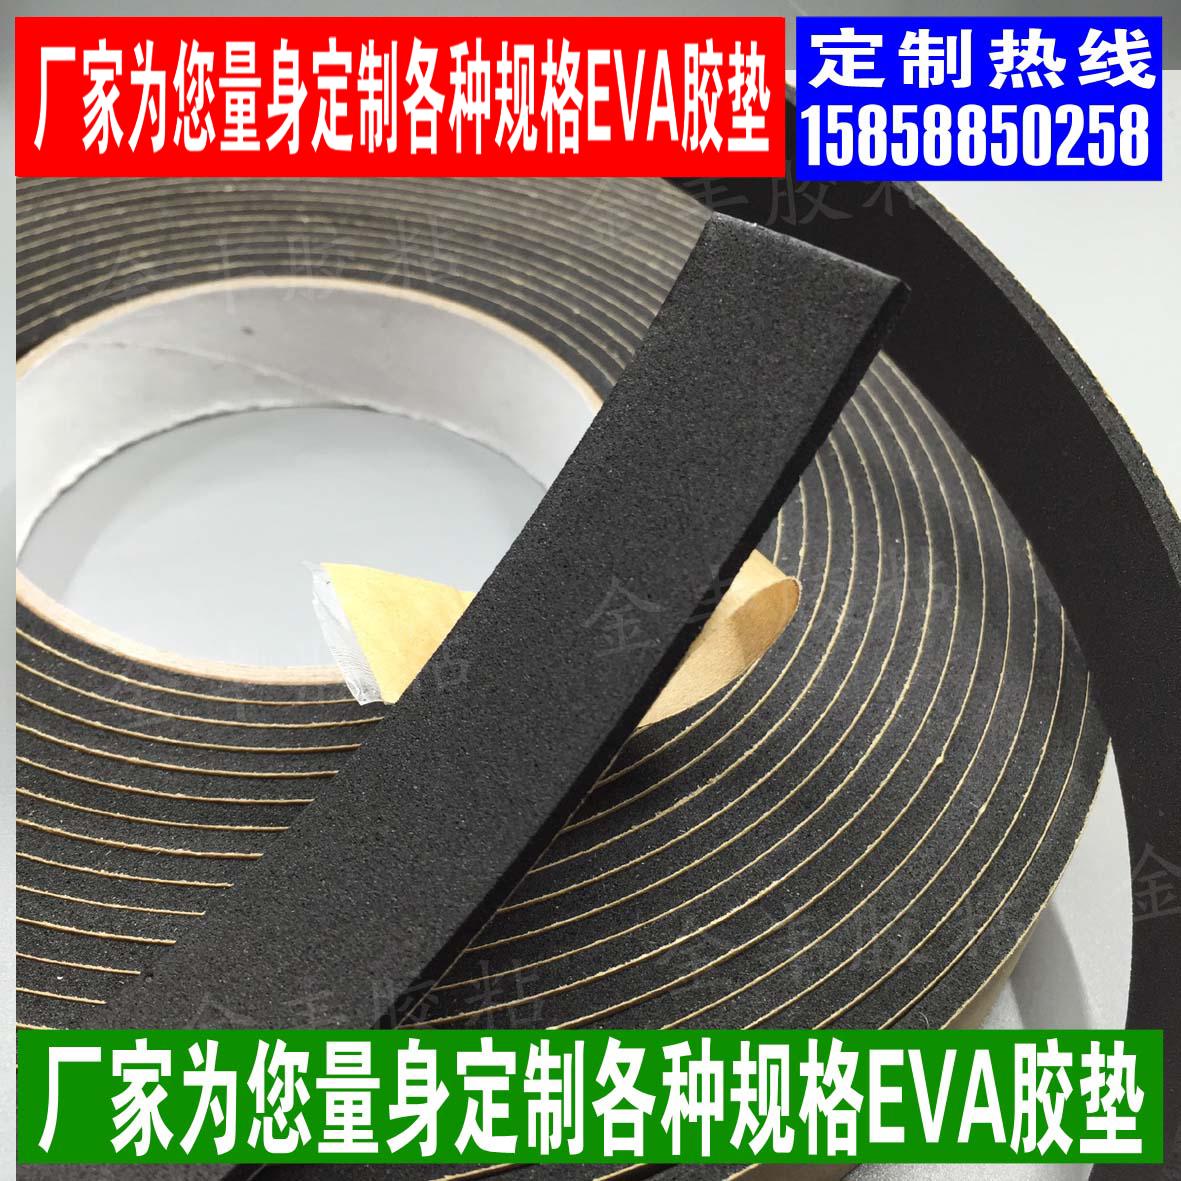 Утеплительная лента Толщиной 3мм 2. Давно 0см широкая черная Ева односторонний пена губка резиновая прокладка анти-шок ленту футов десять метров